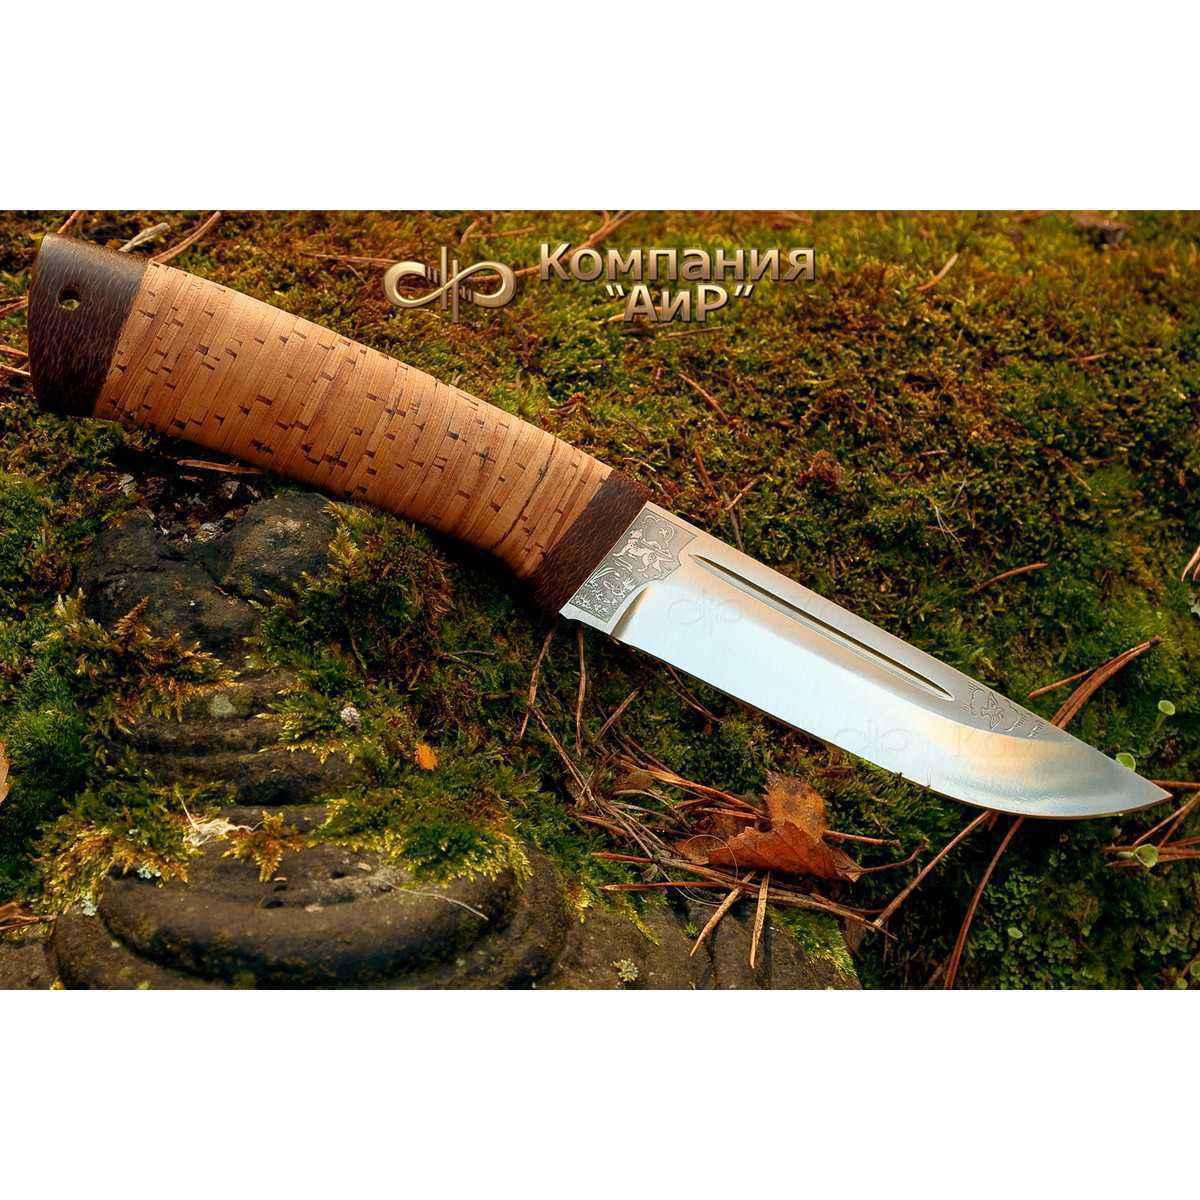 Нож Бекас, береста, Elmax, АиР стоимость